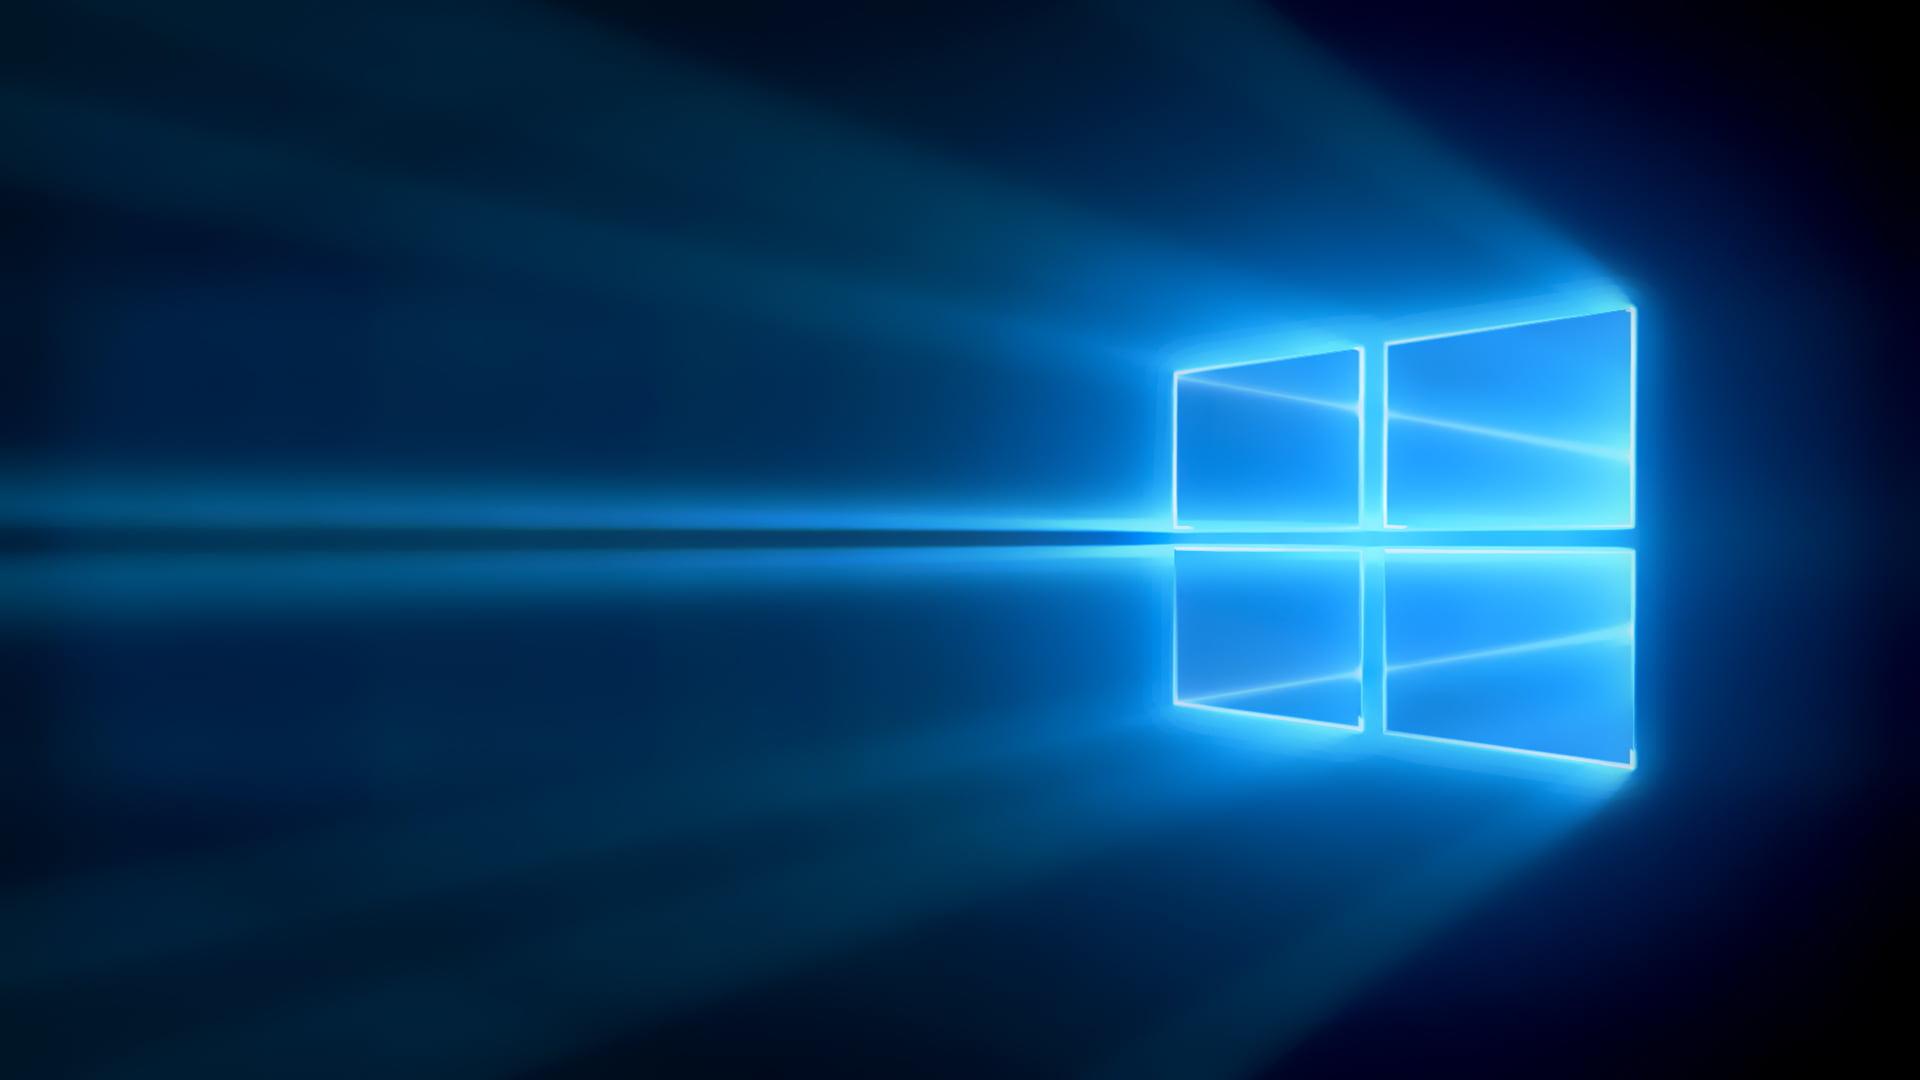 El nuevo logo de Windows 10 diseñado para la ocasión